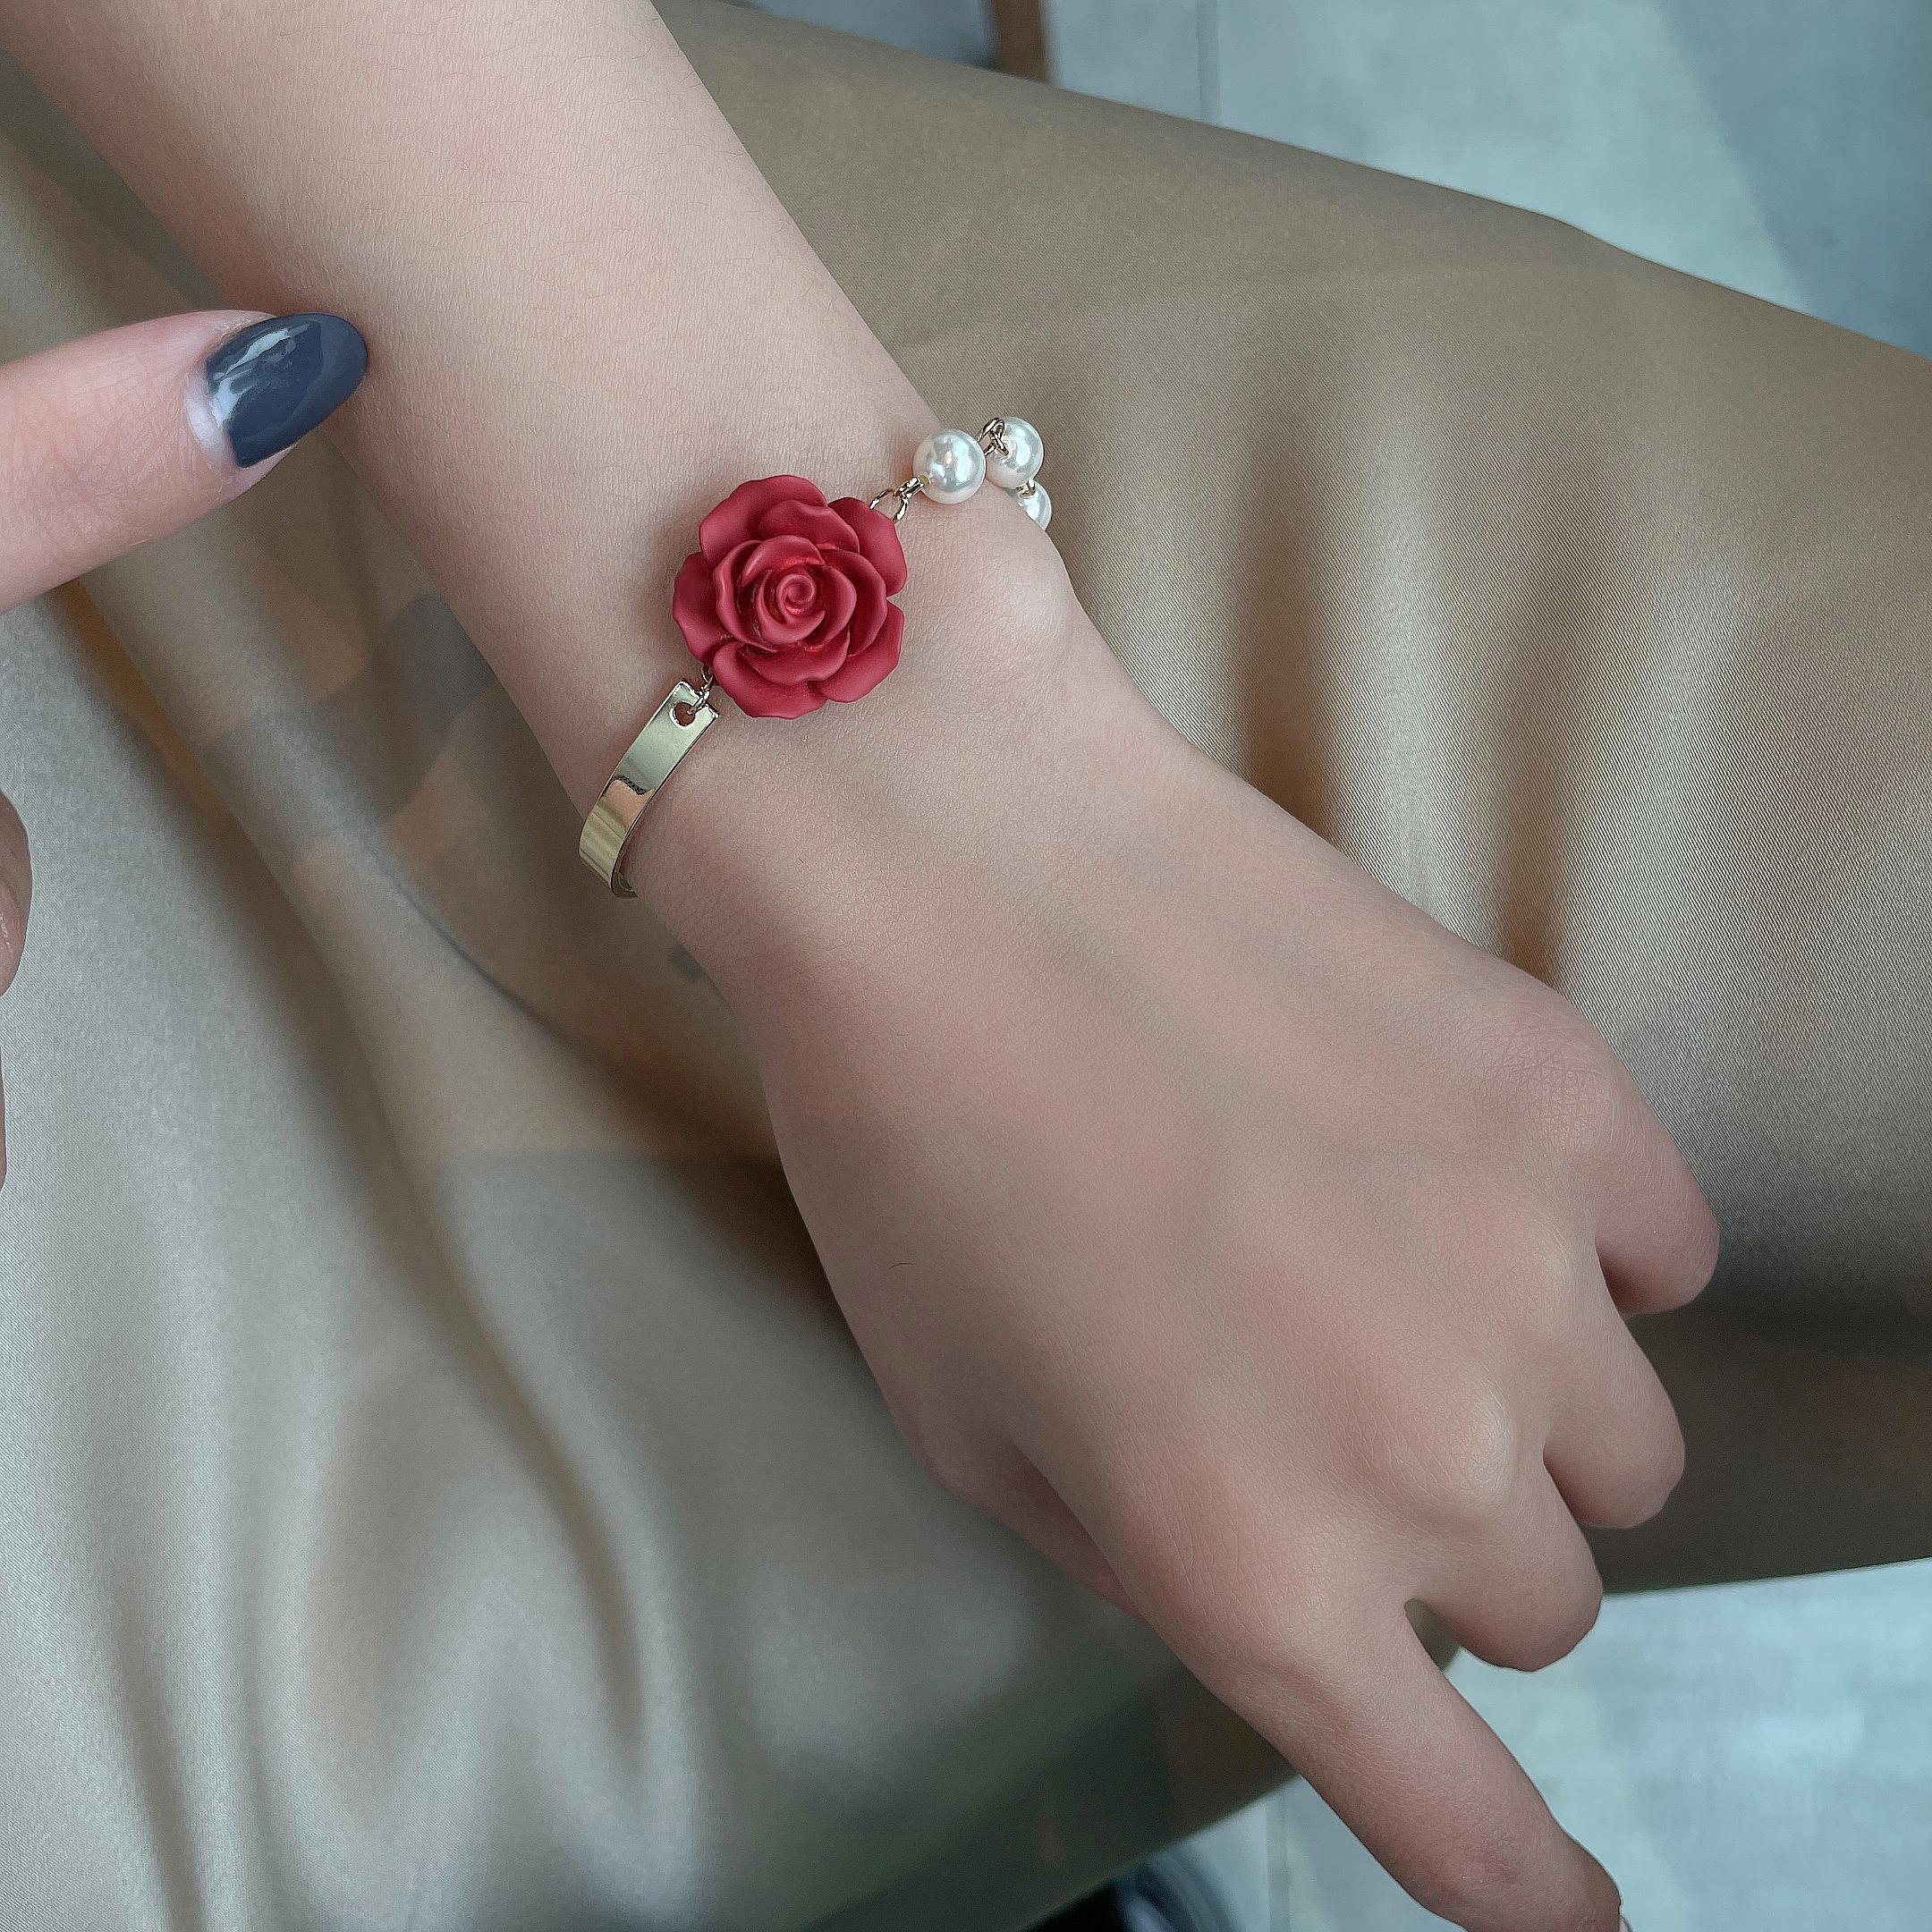 法式复古优雅玫瑰花朵珍珠手链ins小众设计巴洛克蝴蝶结手饰品女